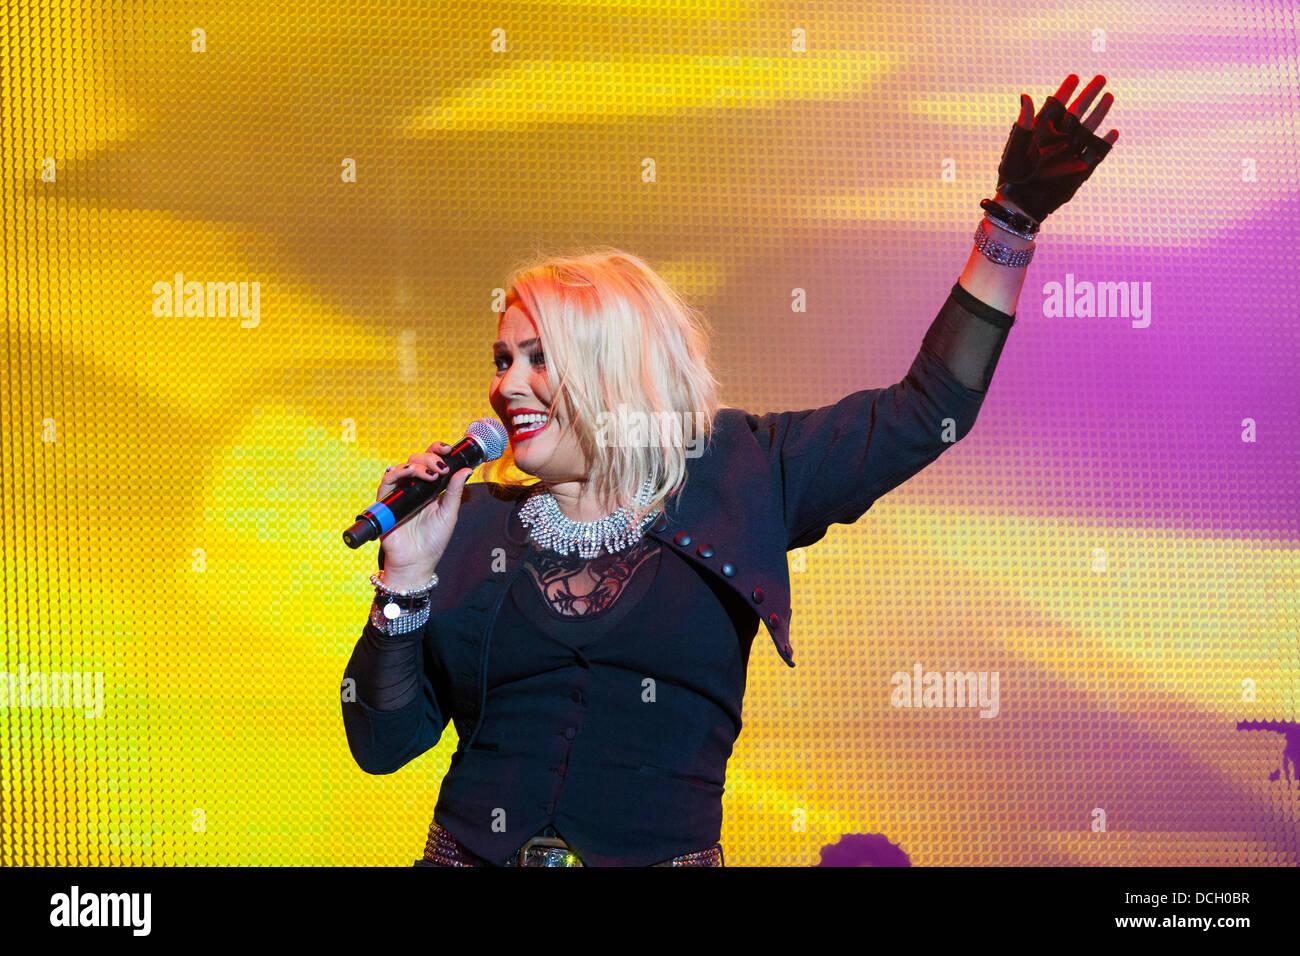 Remenham, Henley-on-Thames, Oxfordshire, Vereinigtes Königreich. 17. August 2013. Englische Pop-Sängerin Stockbild